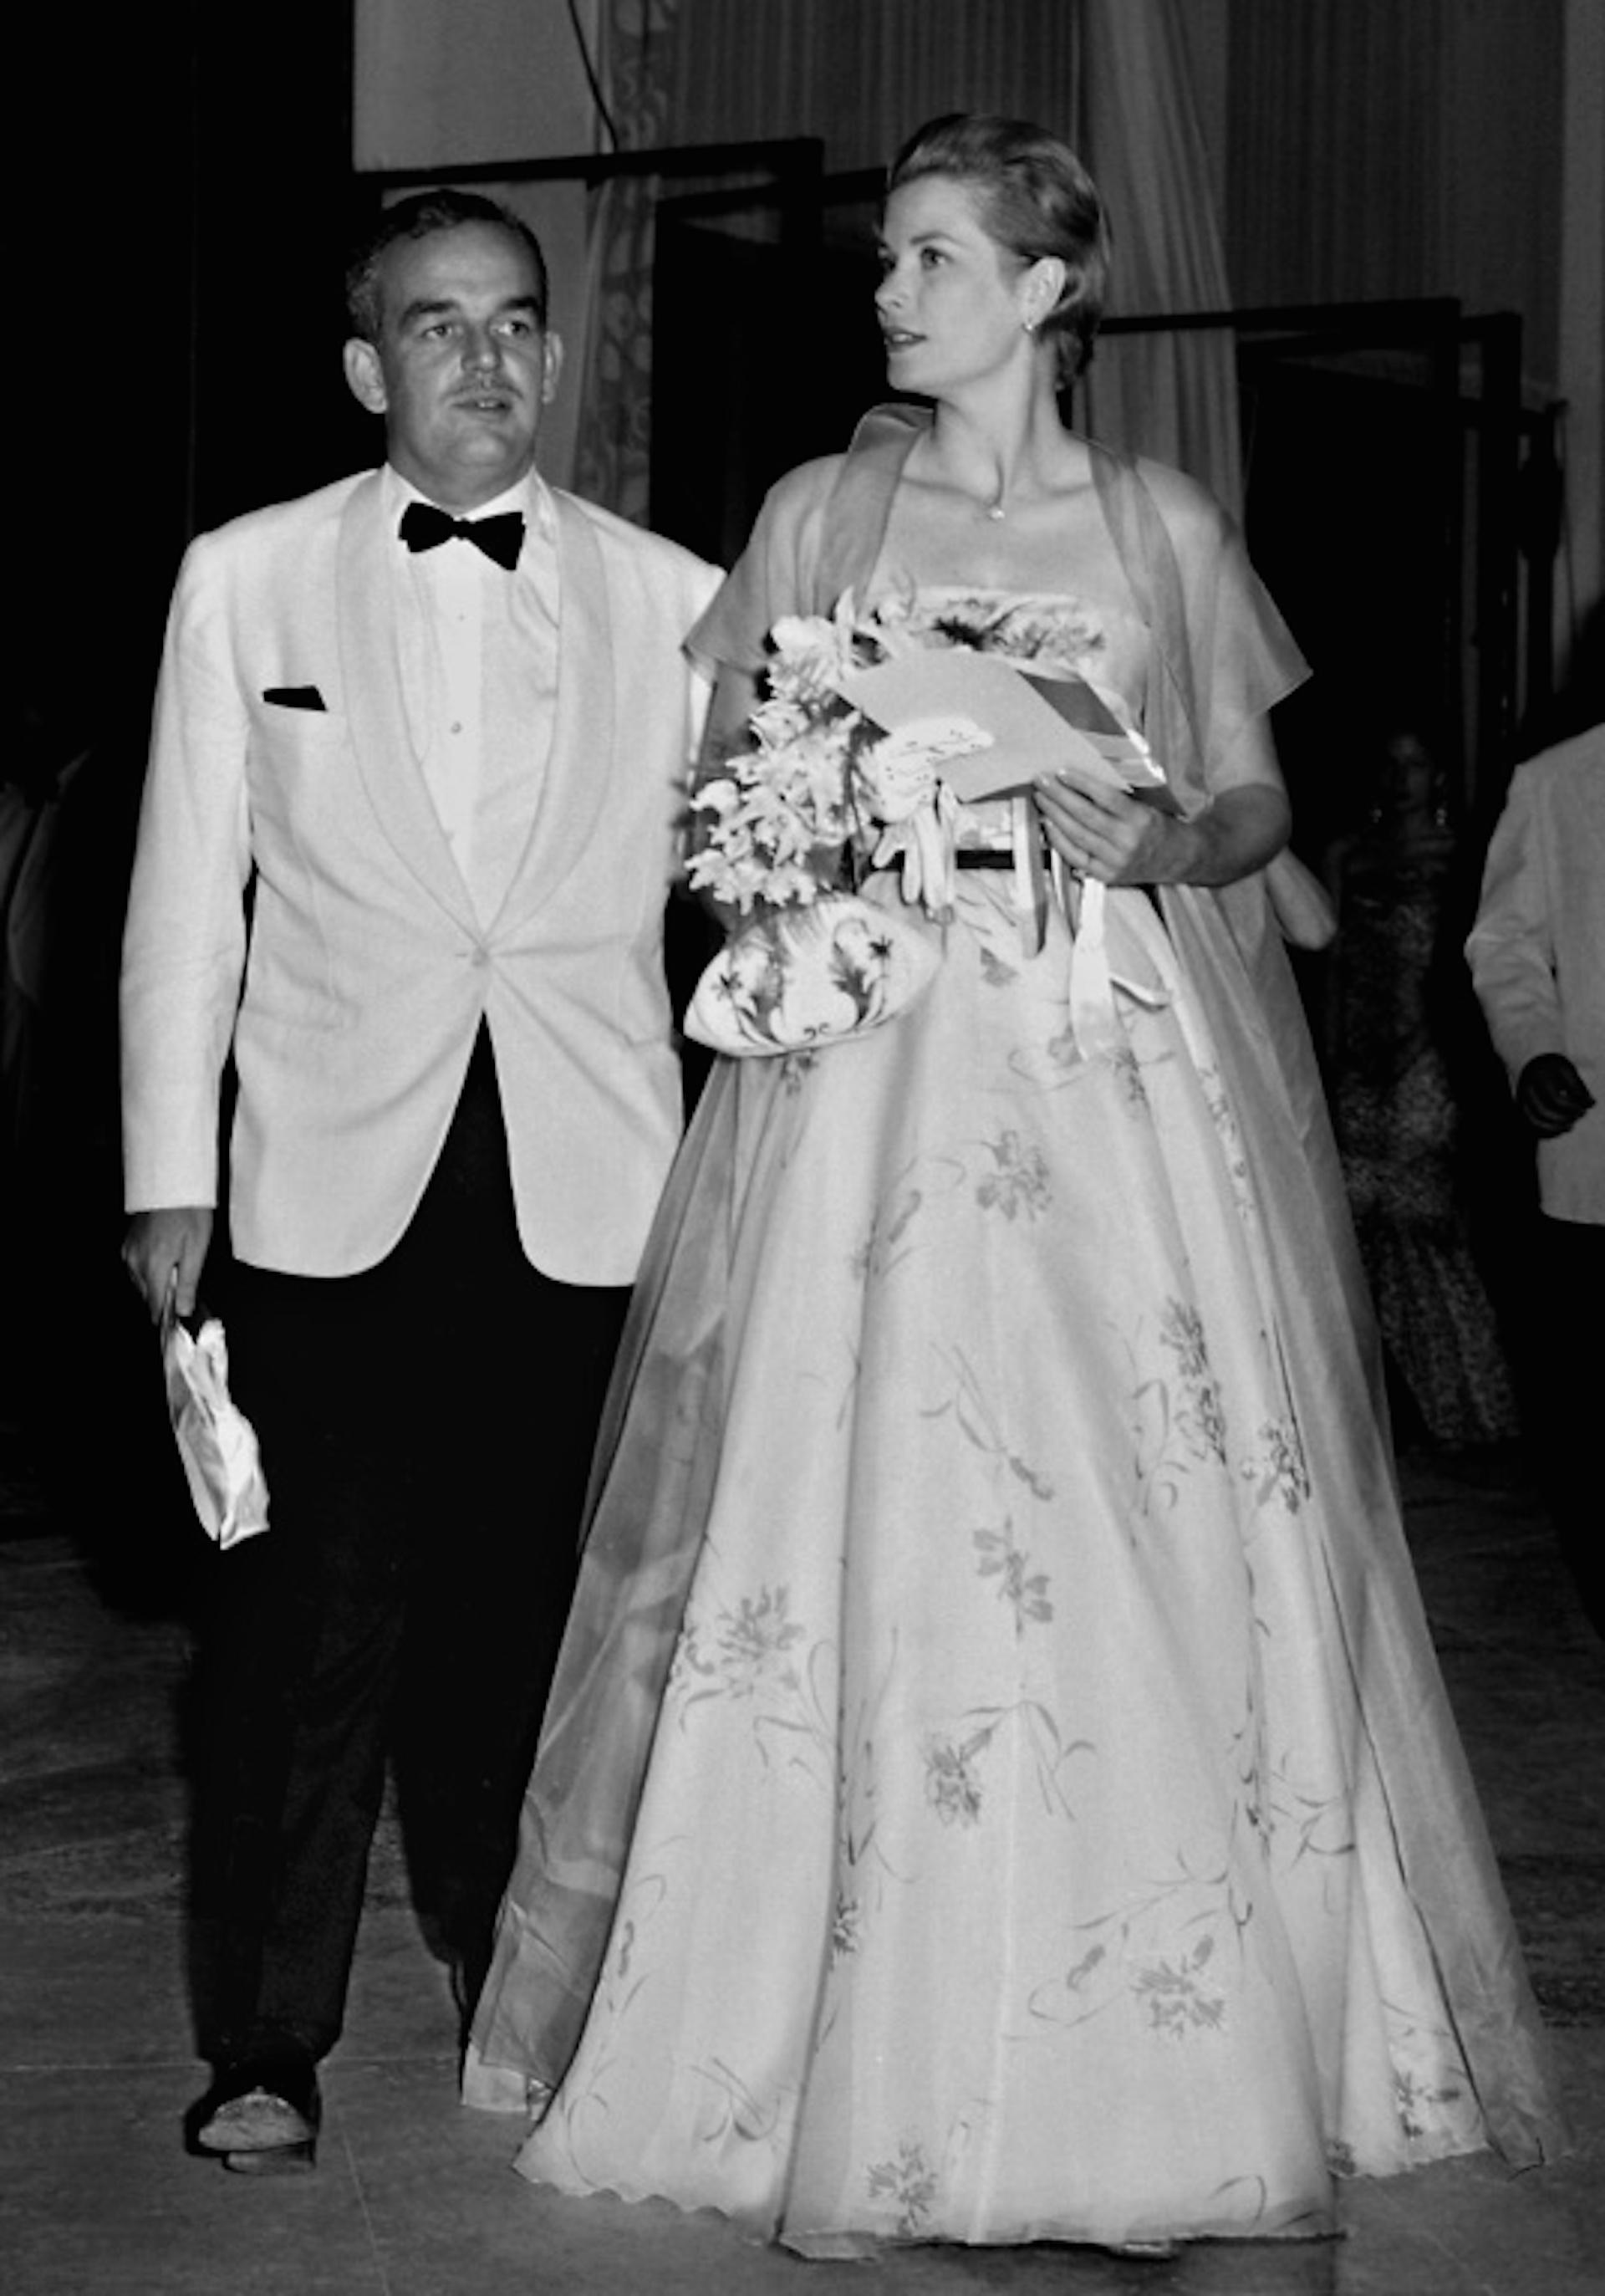 Contrariamente a lo que imaginaba, después de la boda con el príncipe Rainero de Mónaco, la actriz Grace Kelly tuvo que renunciar a su carrera cinematográfica (AFP/Archivos – )